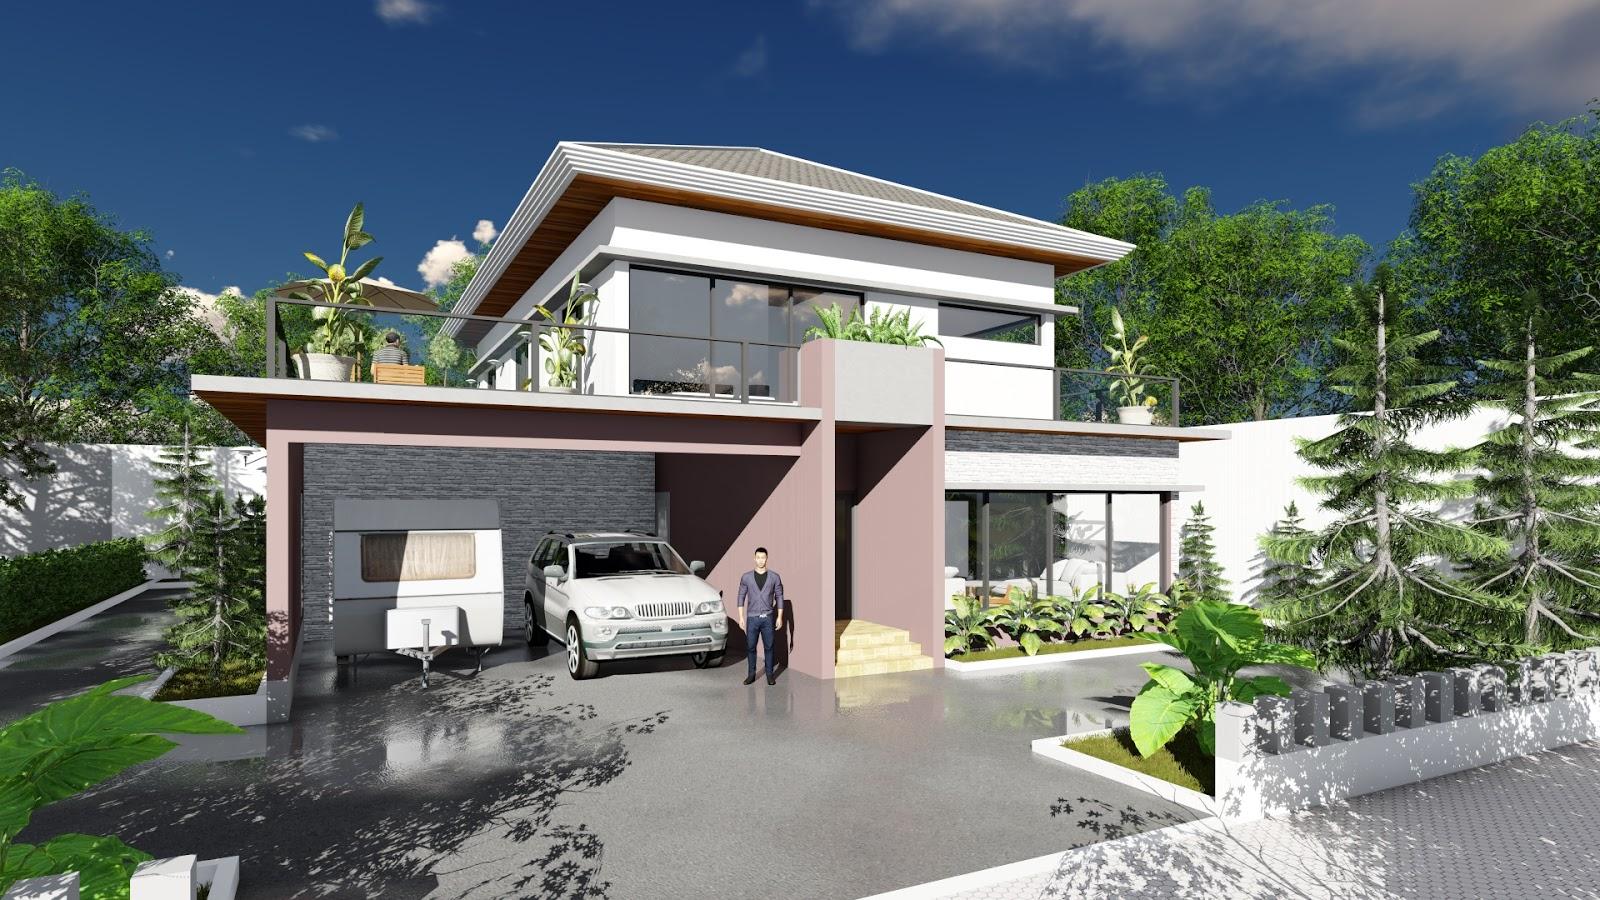 Sketchup modeling modern 3 bedroom villa design size for Modern 3 bedroom house